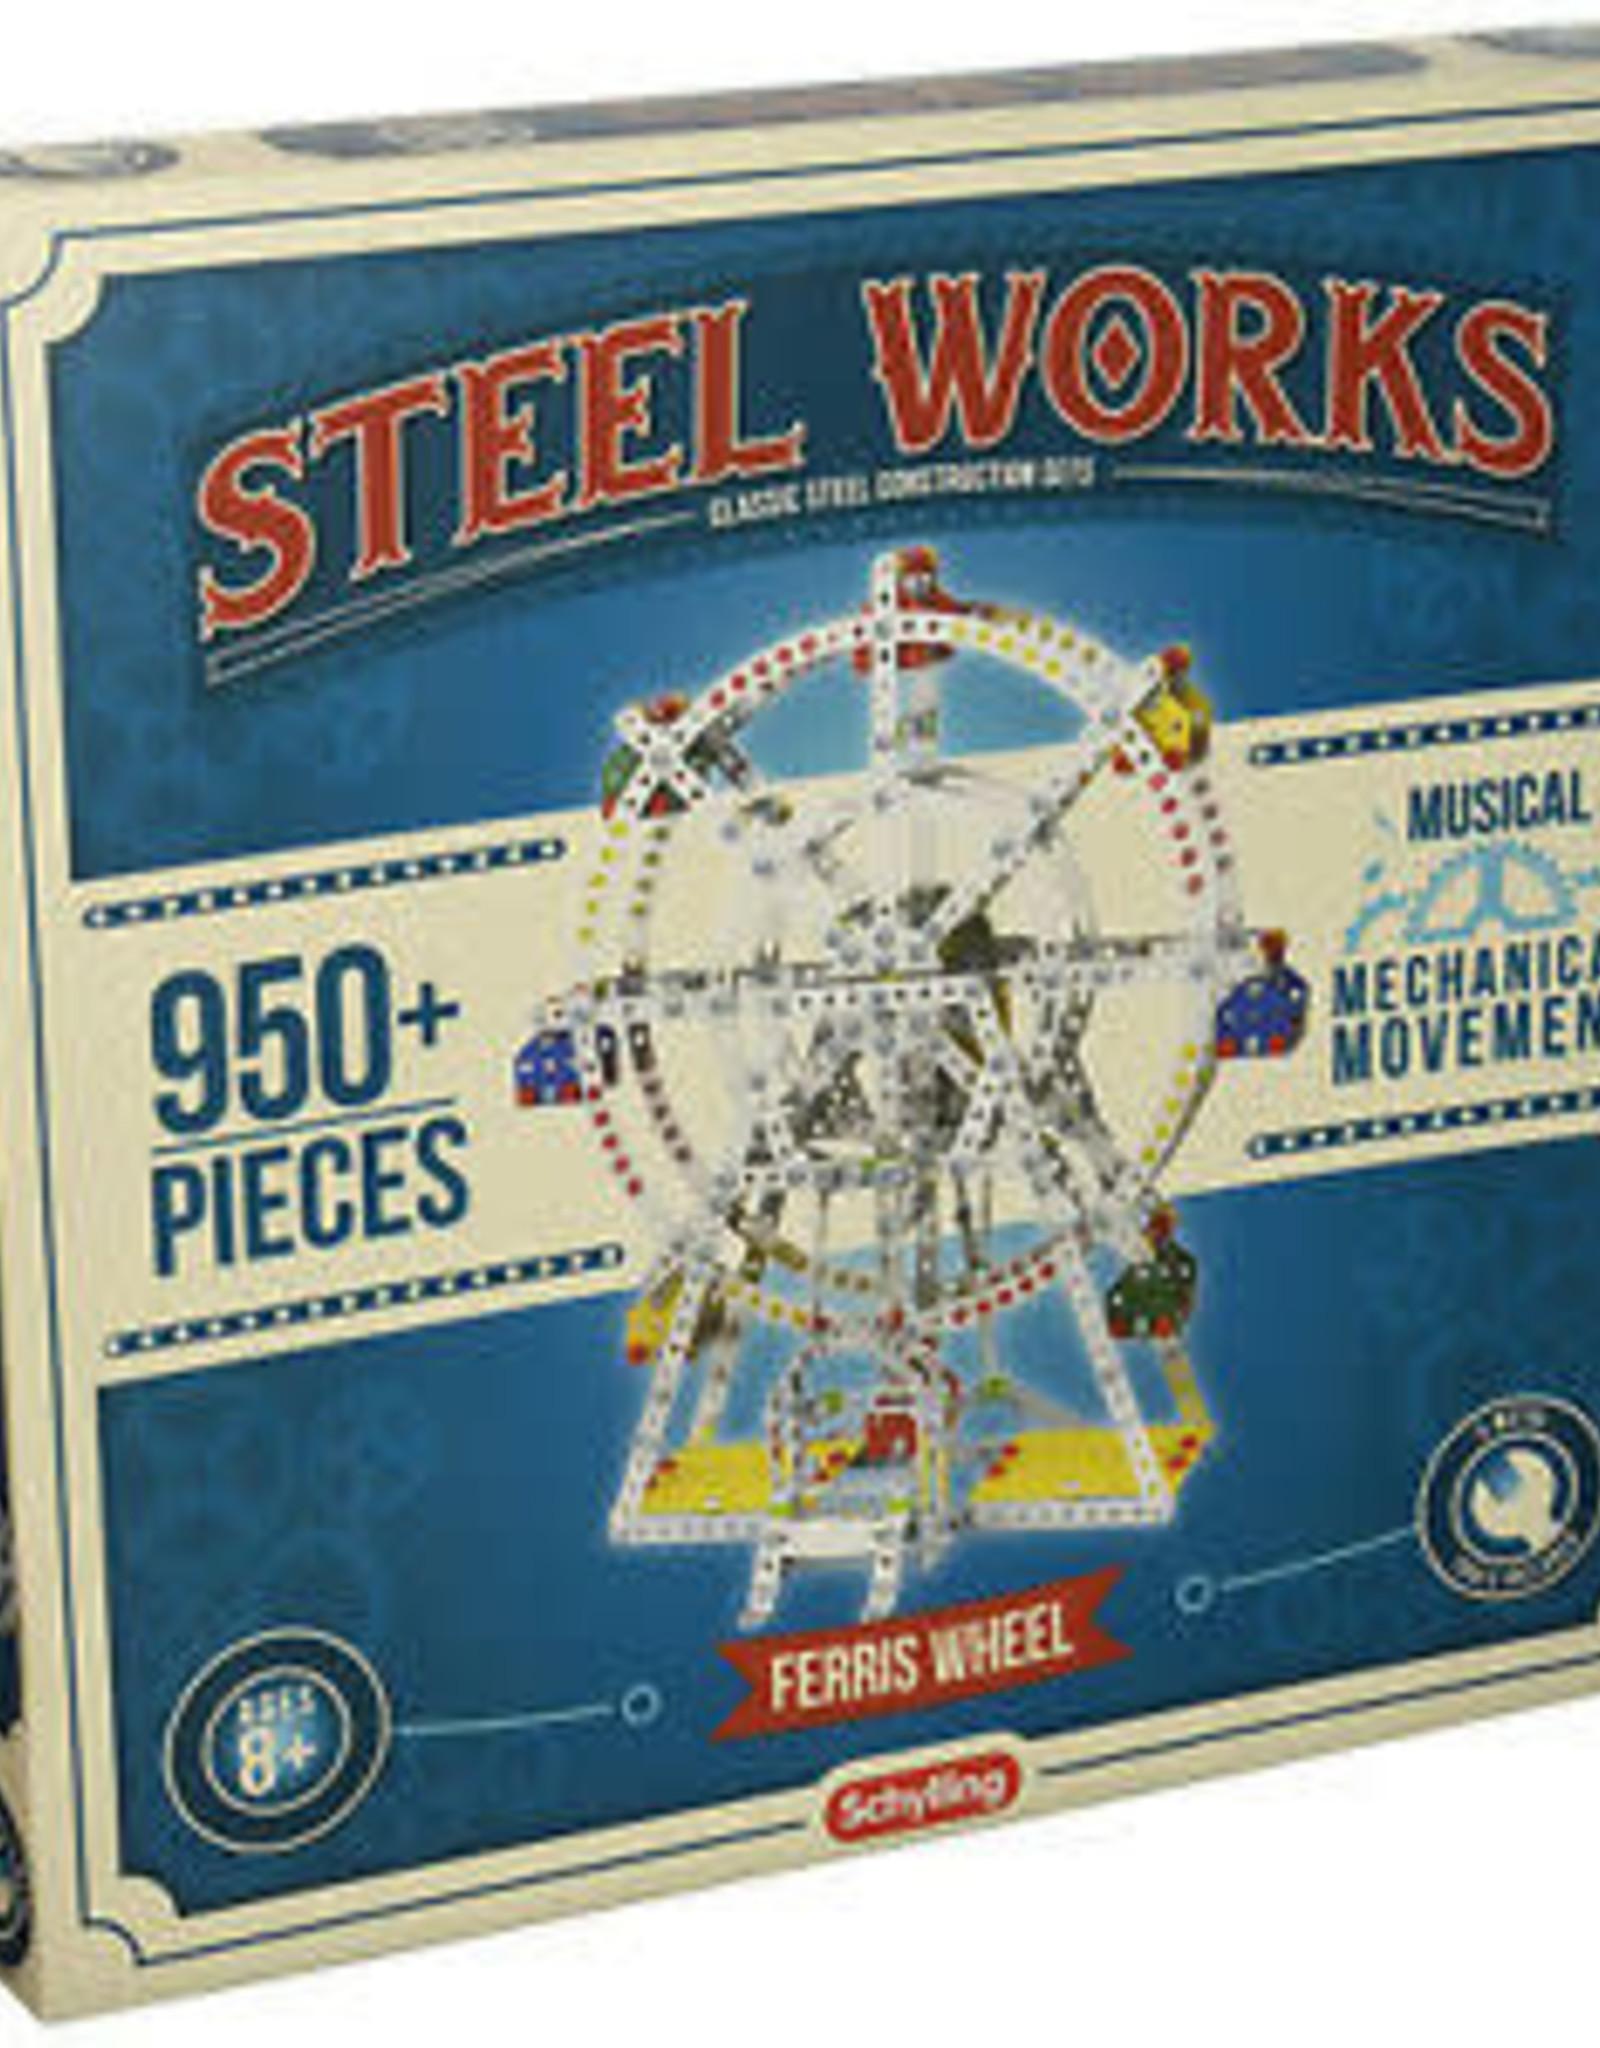 Steel Works Steel Works-Ferris Wheel